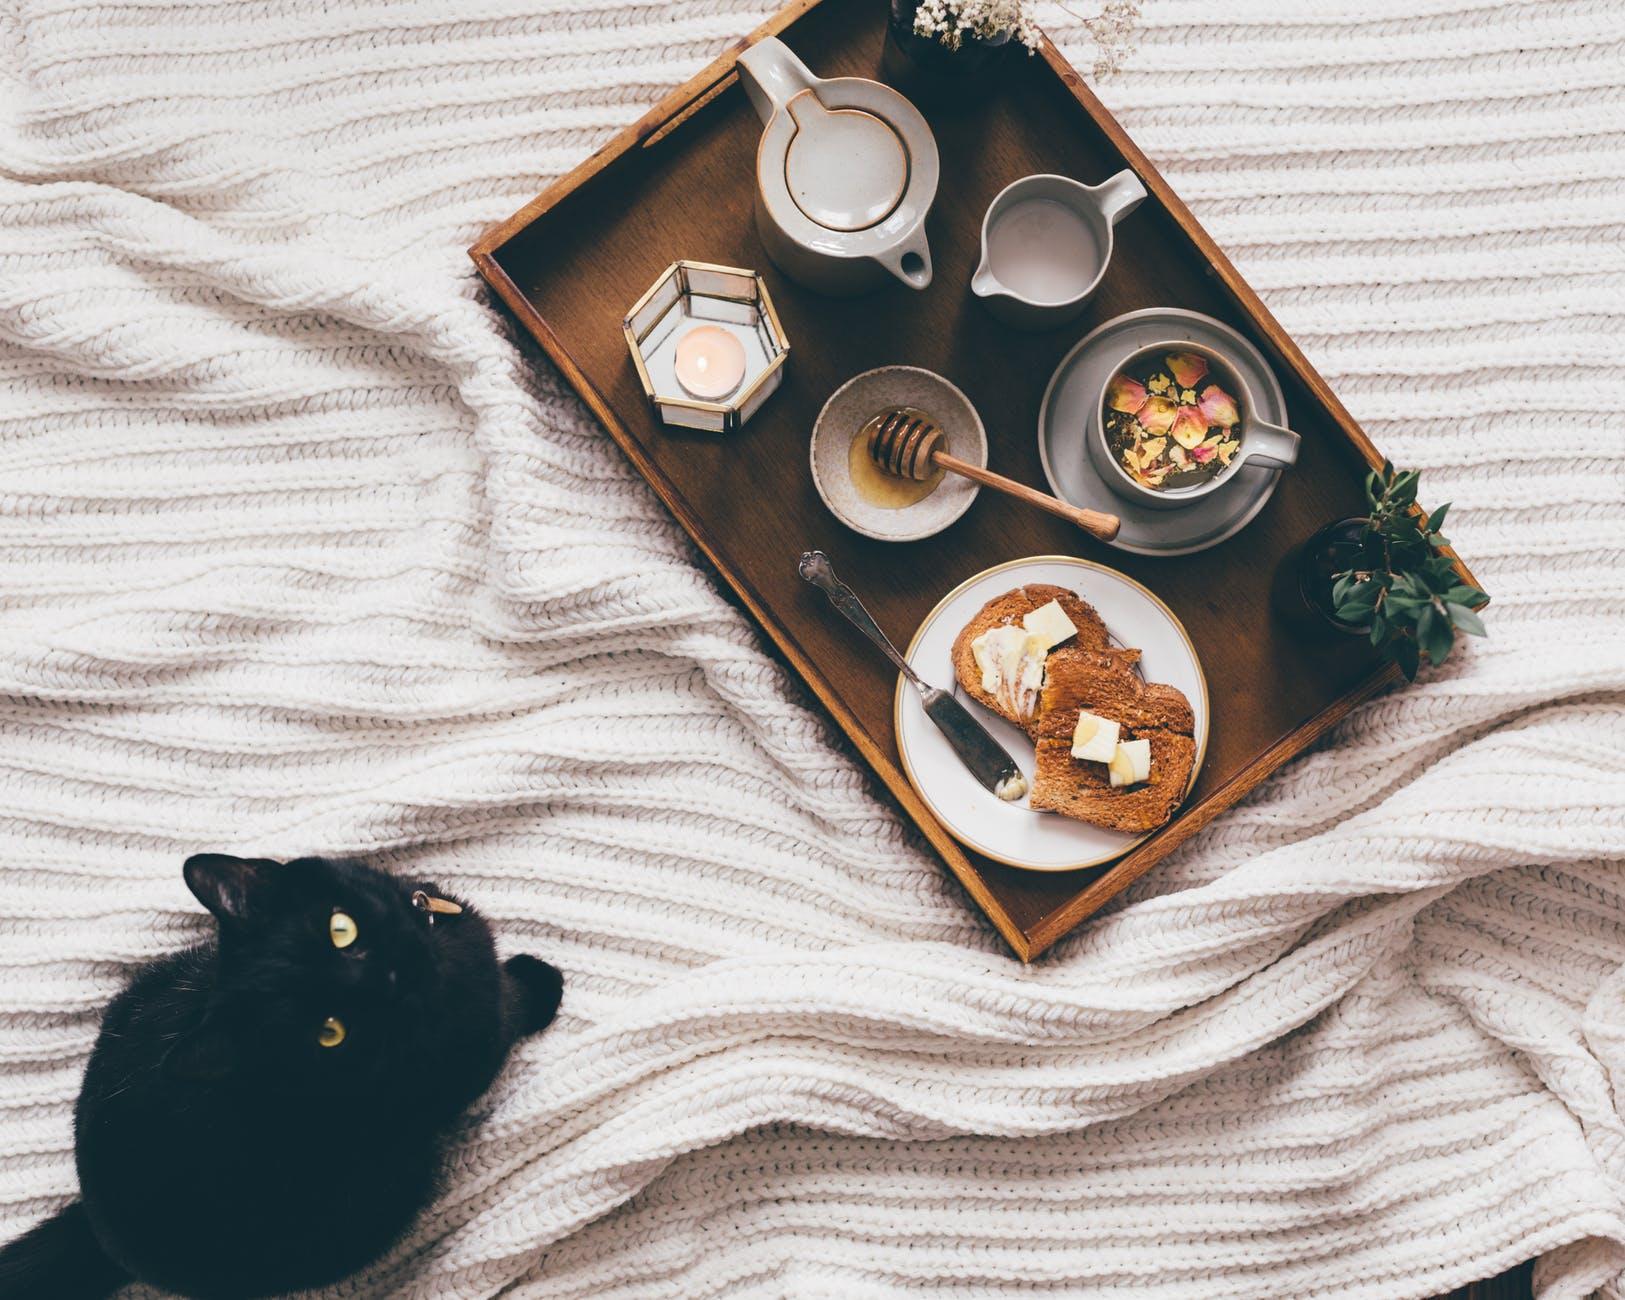 Quand et comment changer la nourriture d'un chat?